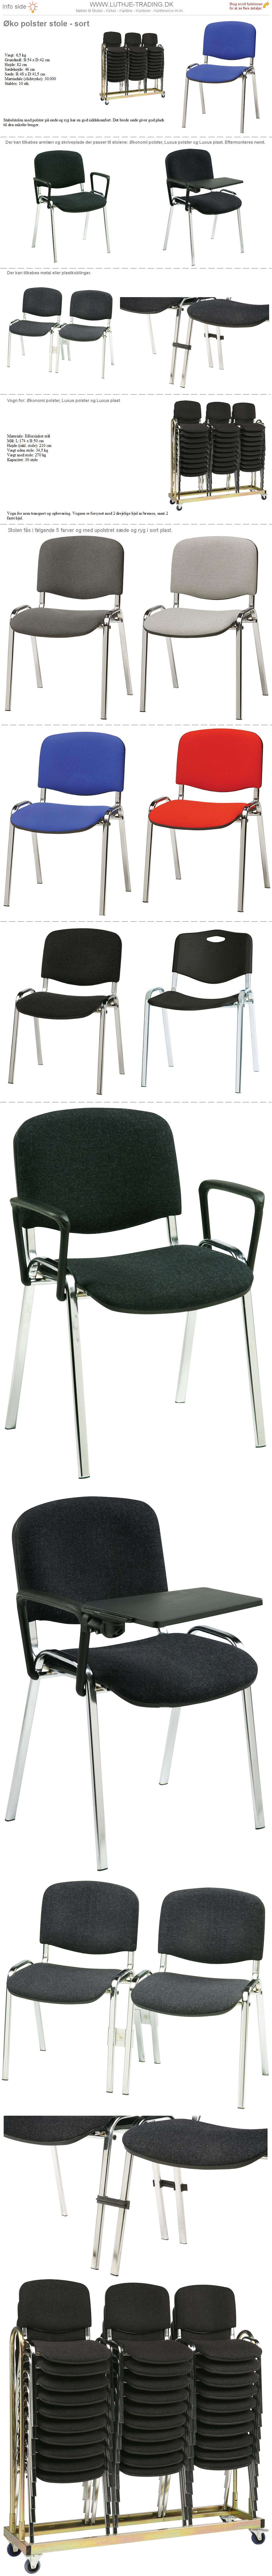 Stabelstol Øko polster med blå stof